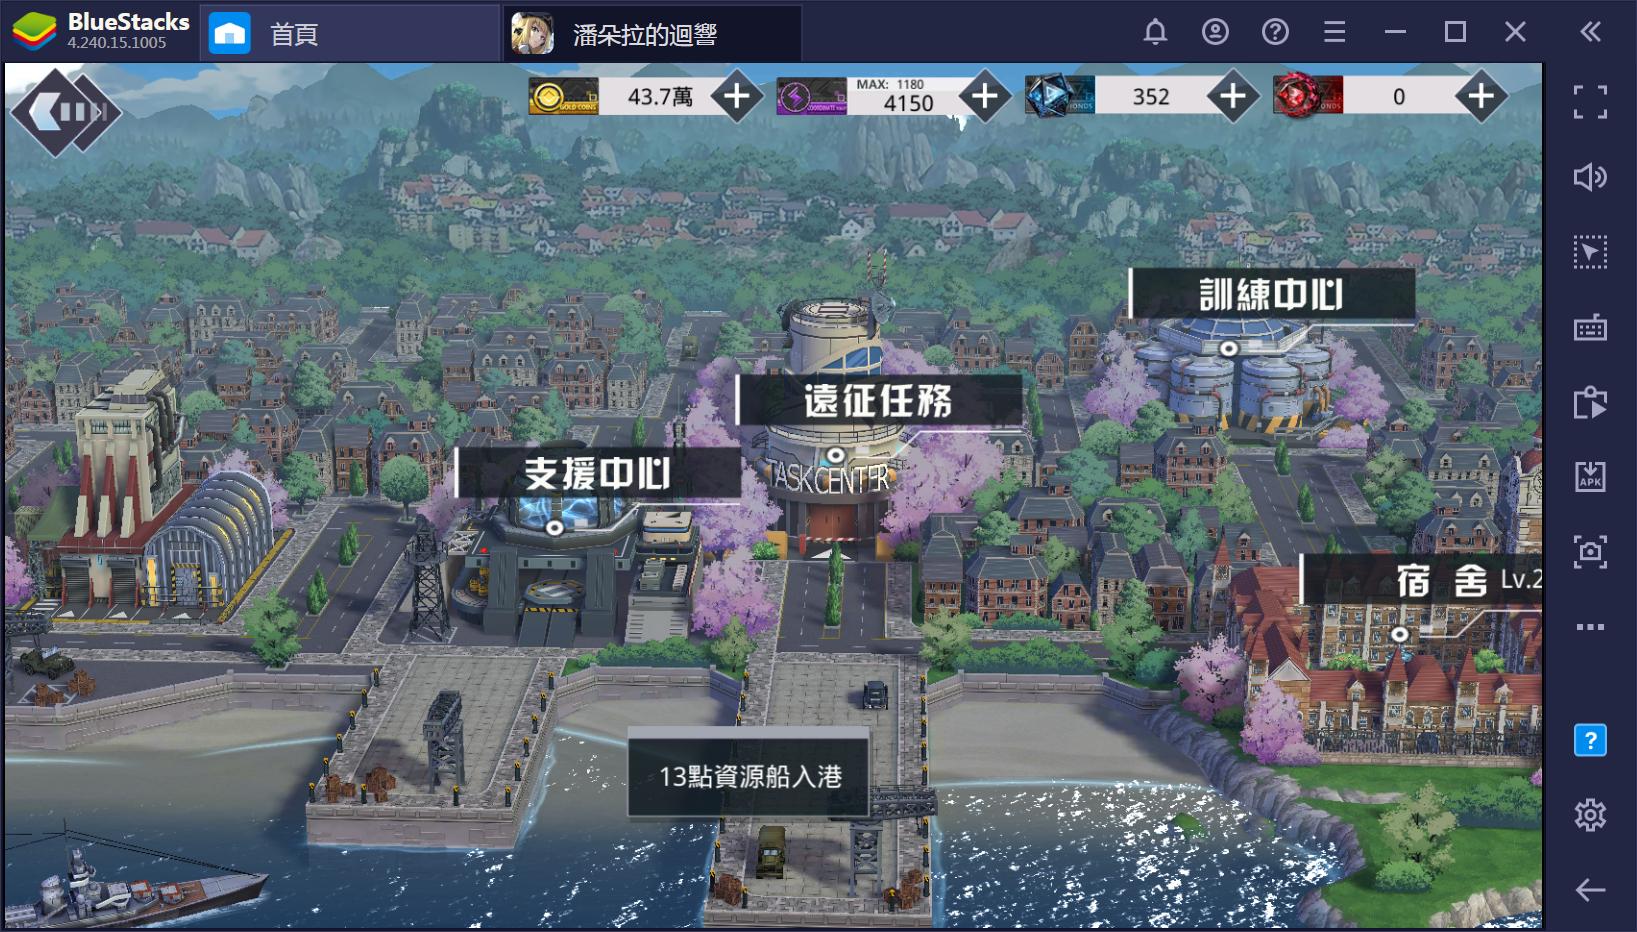 使用BlueStacks在PC上遊玩末世題材遊戲《潘朵拉的迴響:Echoes of Pandora》